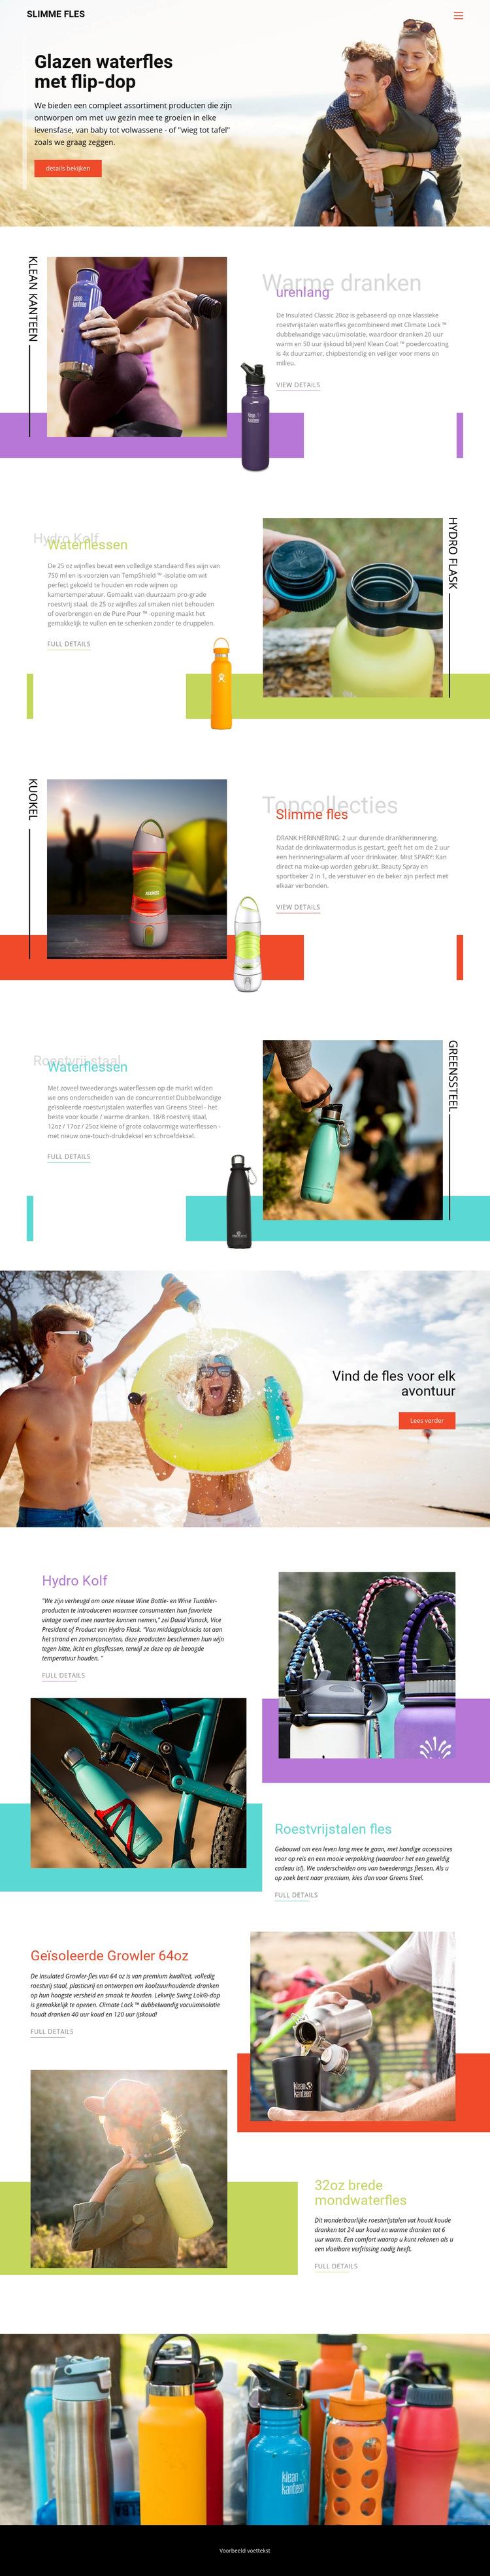 Waterflessen Website sjabloon